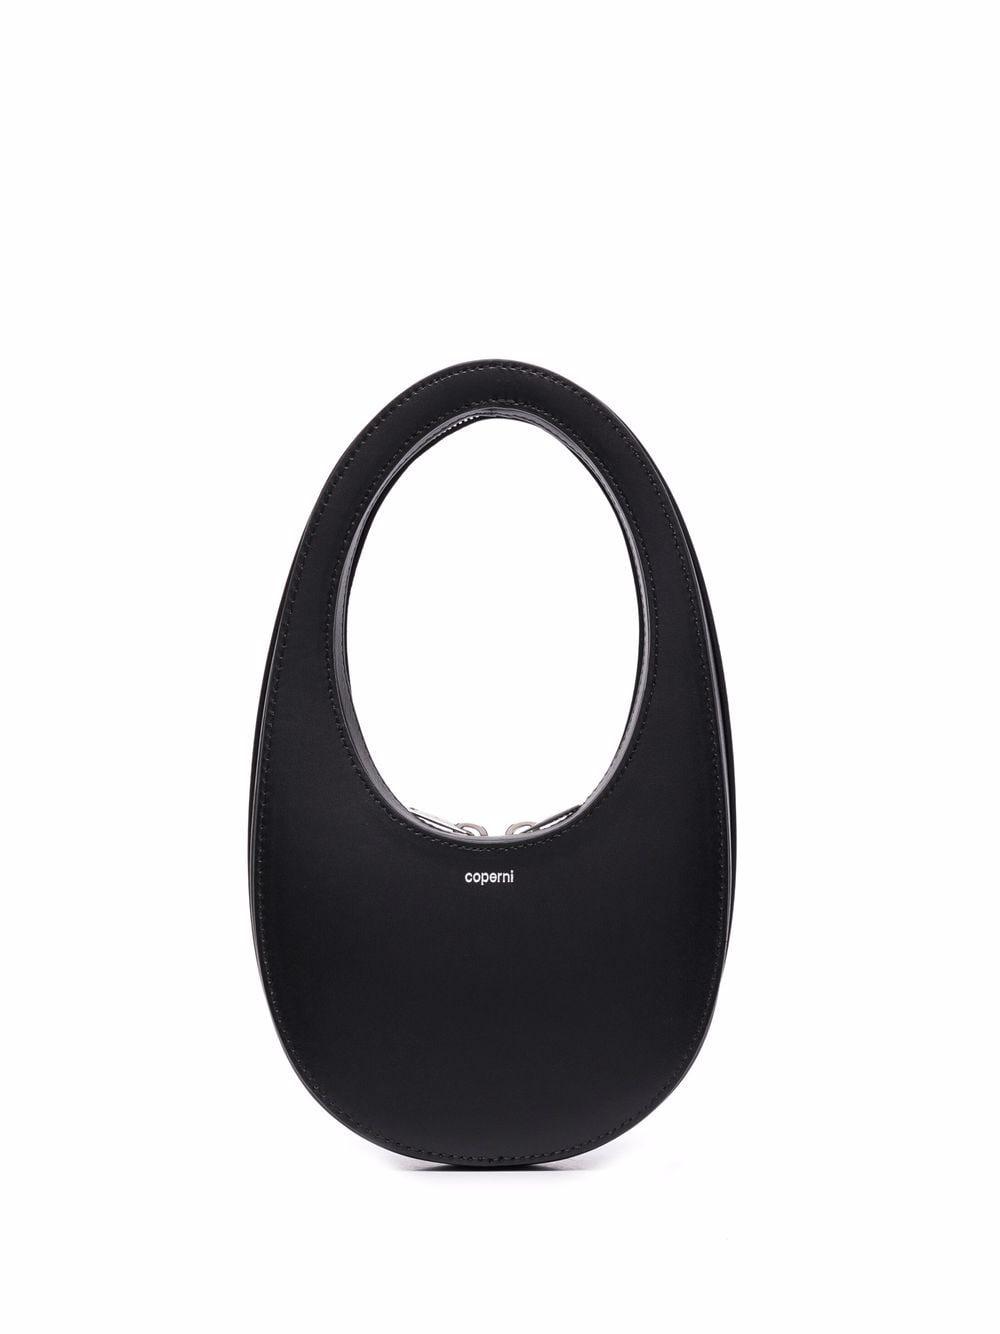 Coperni Handtasche aus Leder - Schwarz